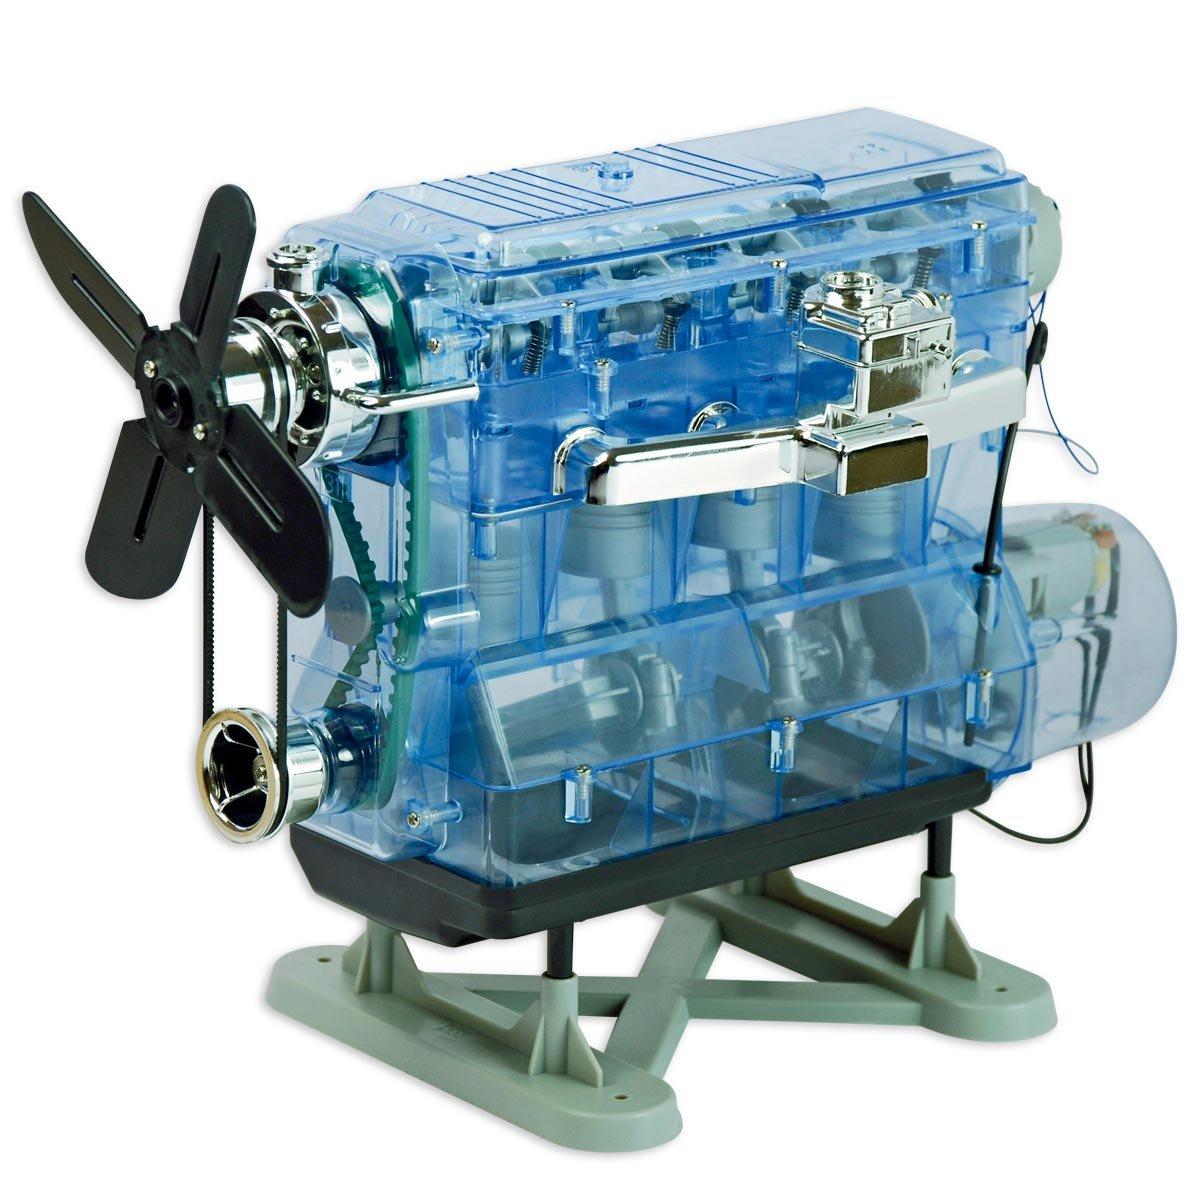 Internal Combustion Engine Model Kit